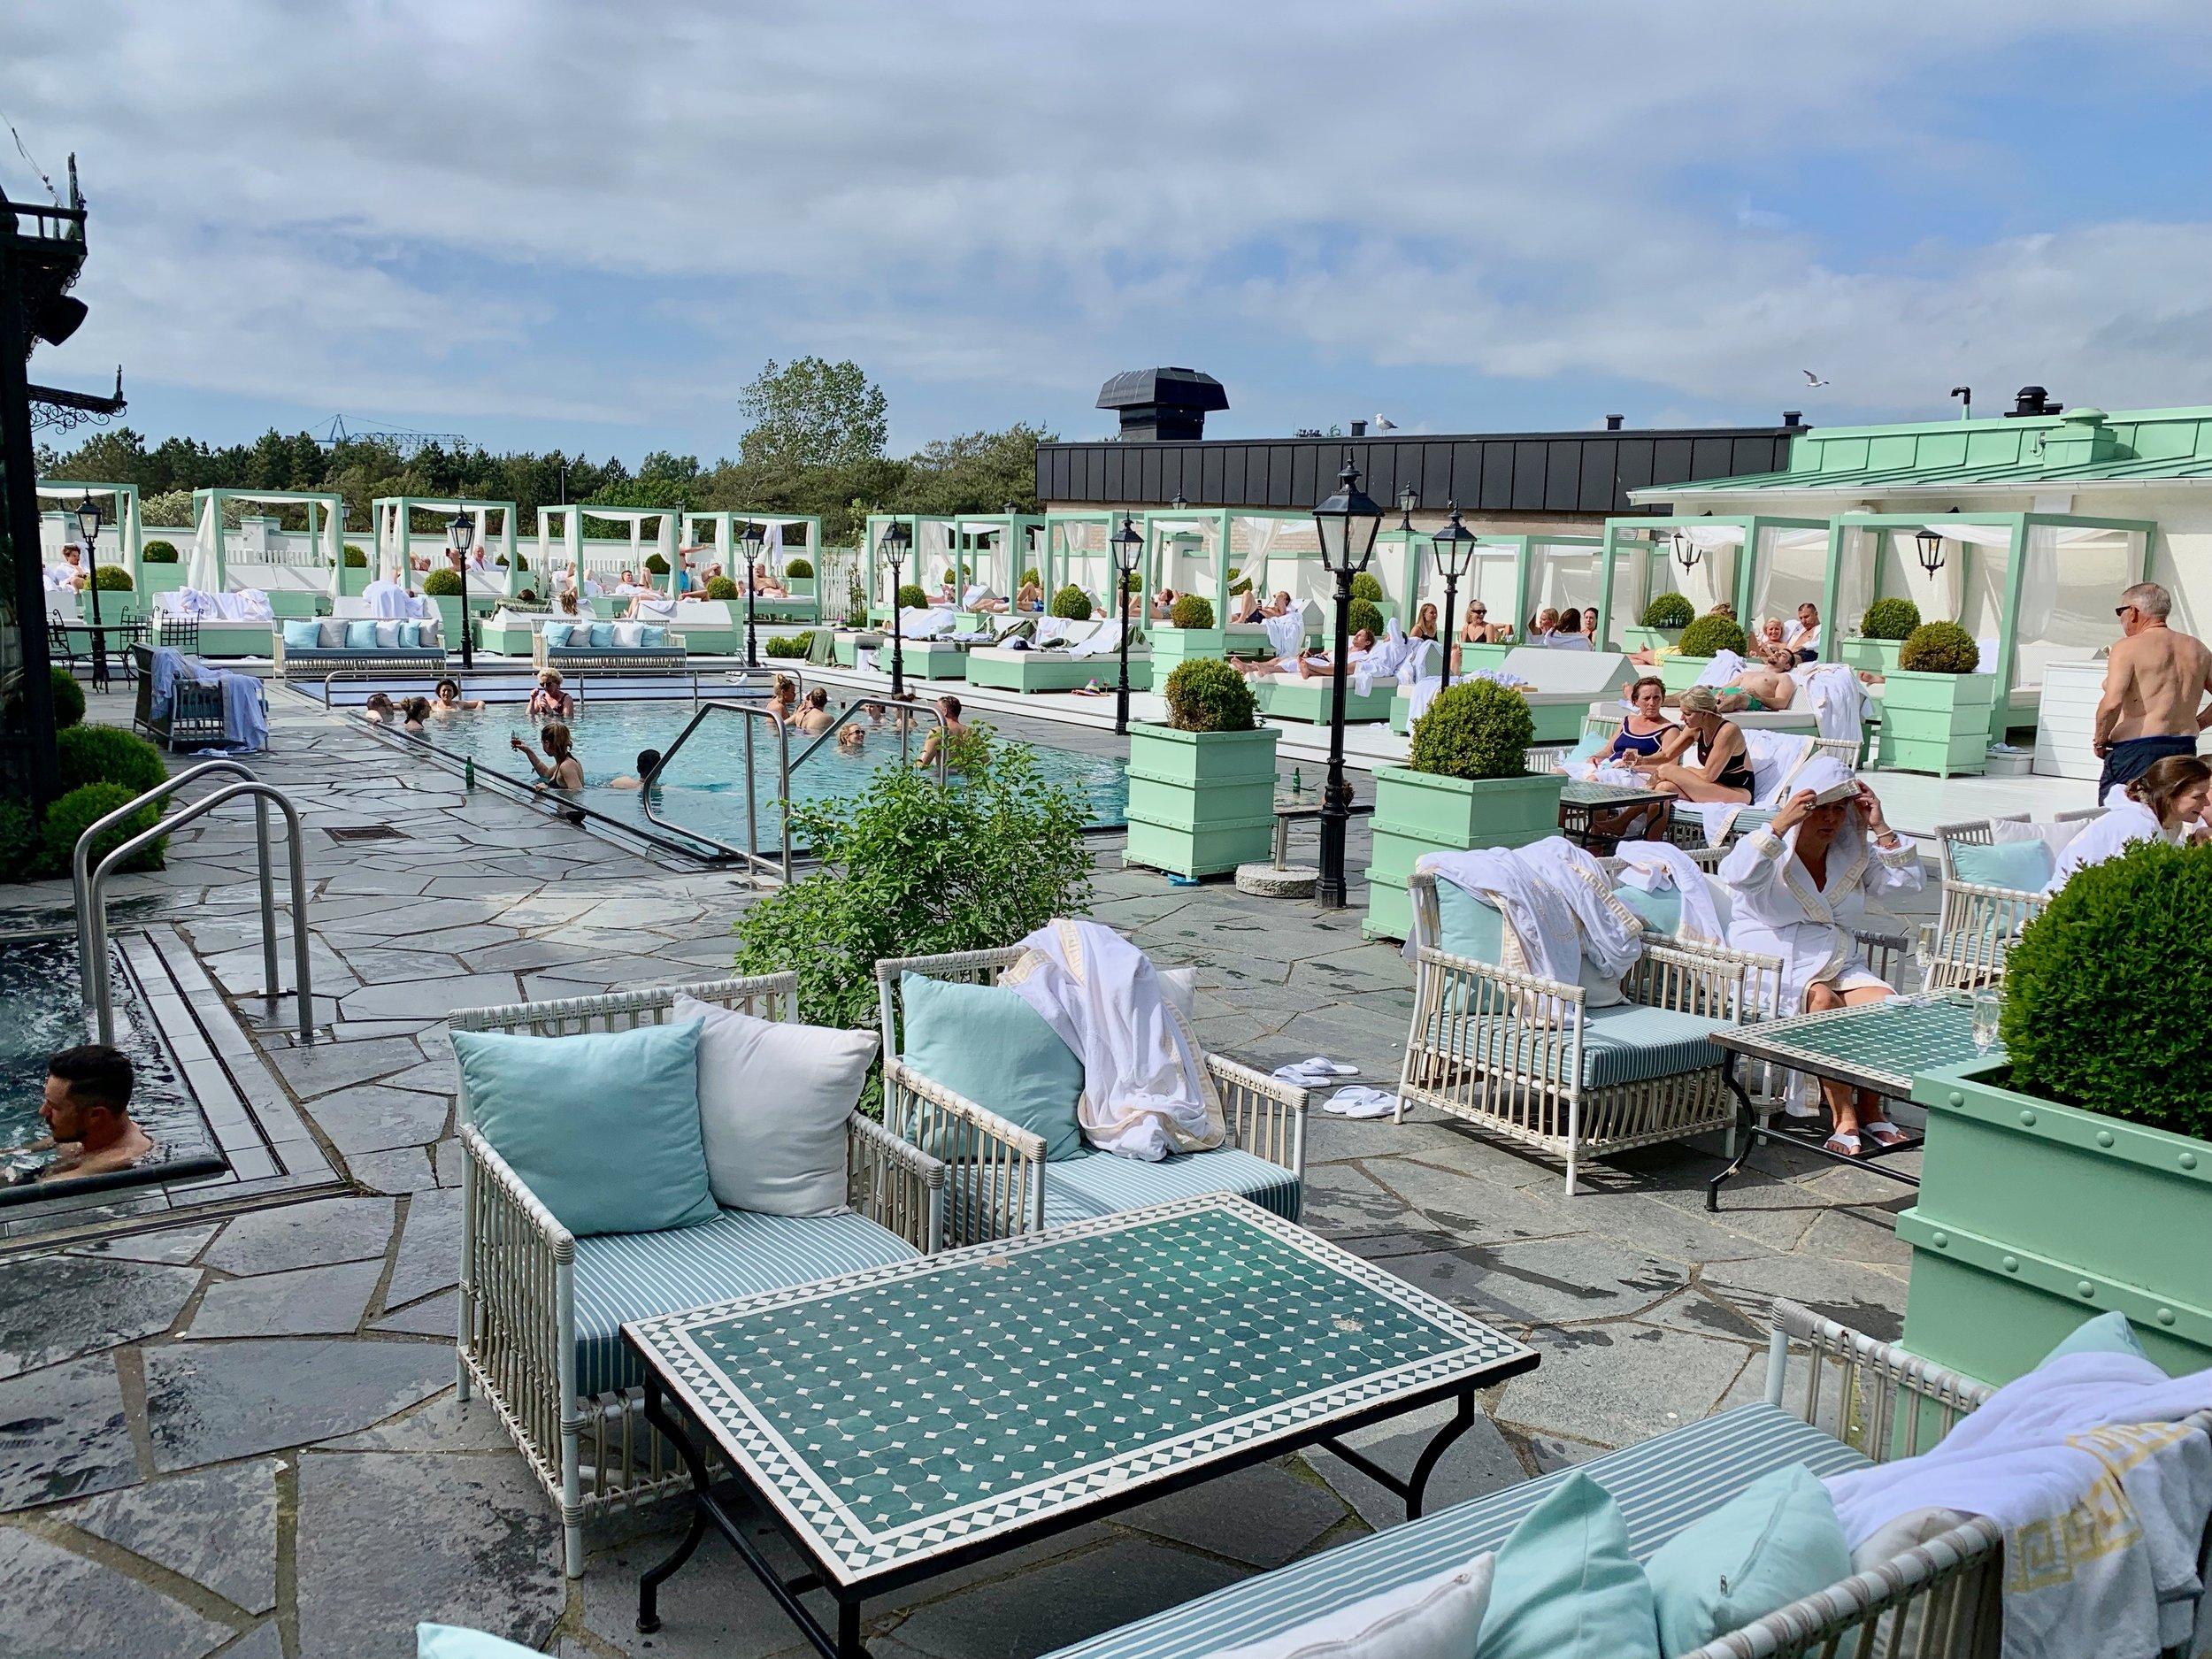 Spaanlegget i Falkenberg strandbad er i verdensklasse. Foto: Odd Roar Lange